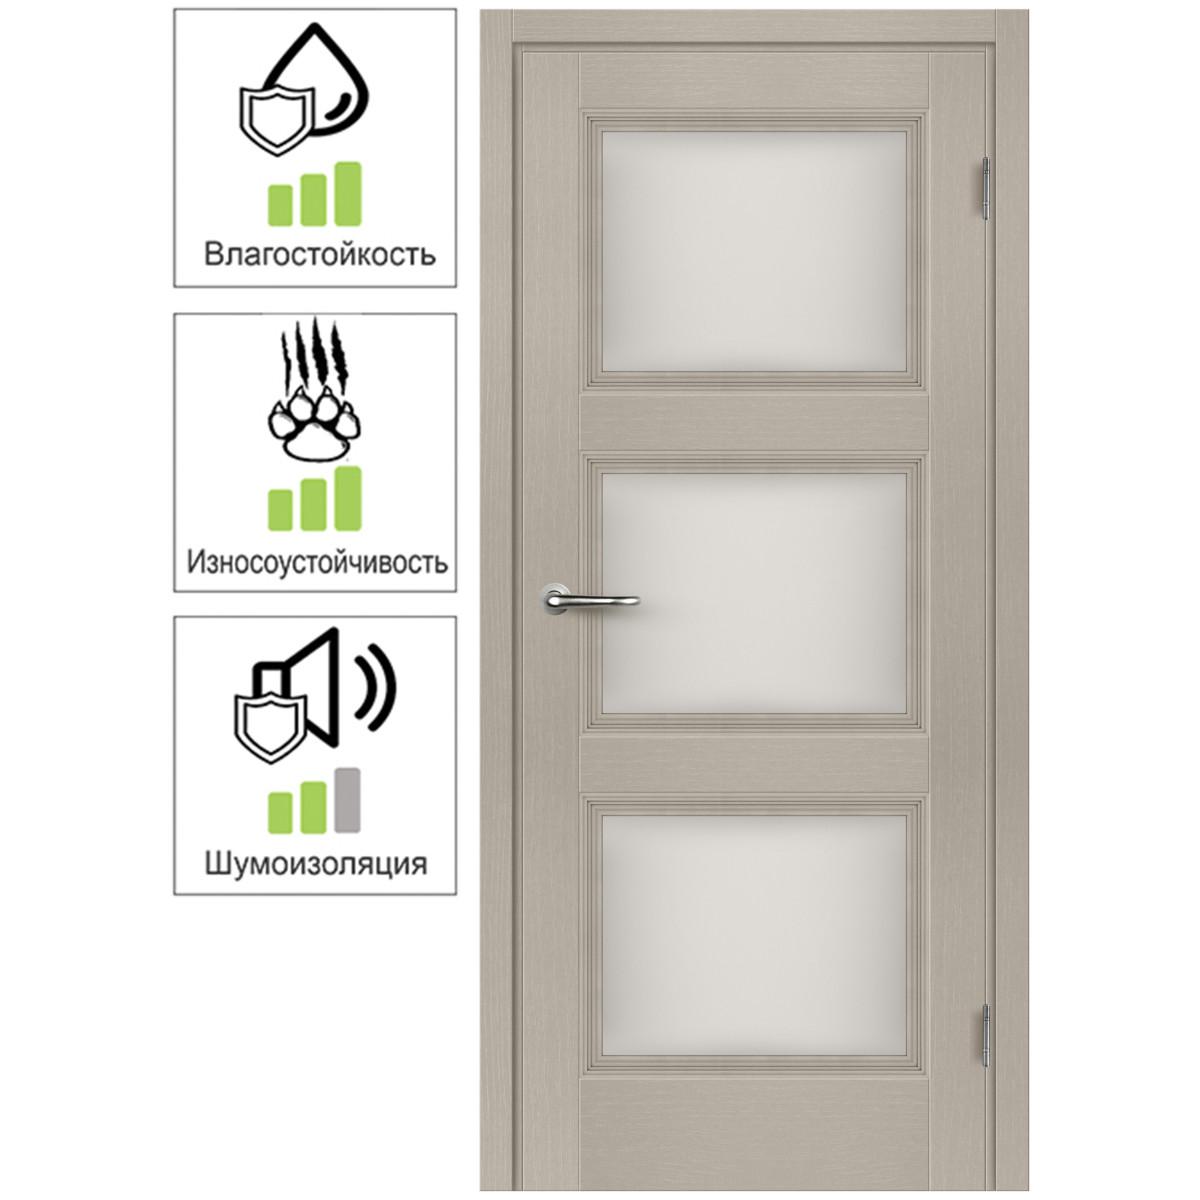 Дверь межкомнатная остеклённая Трилло 90x200 см Hardflex цвет ясень